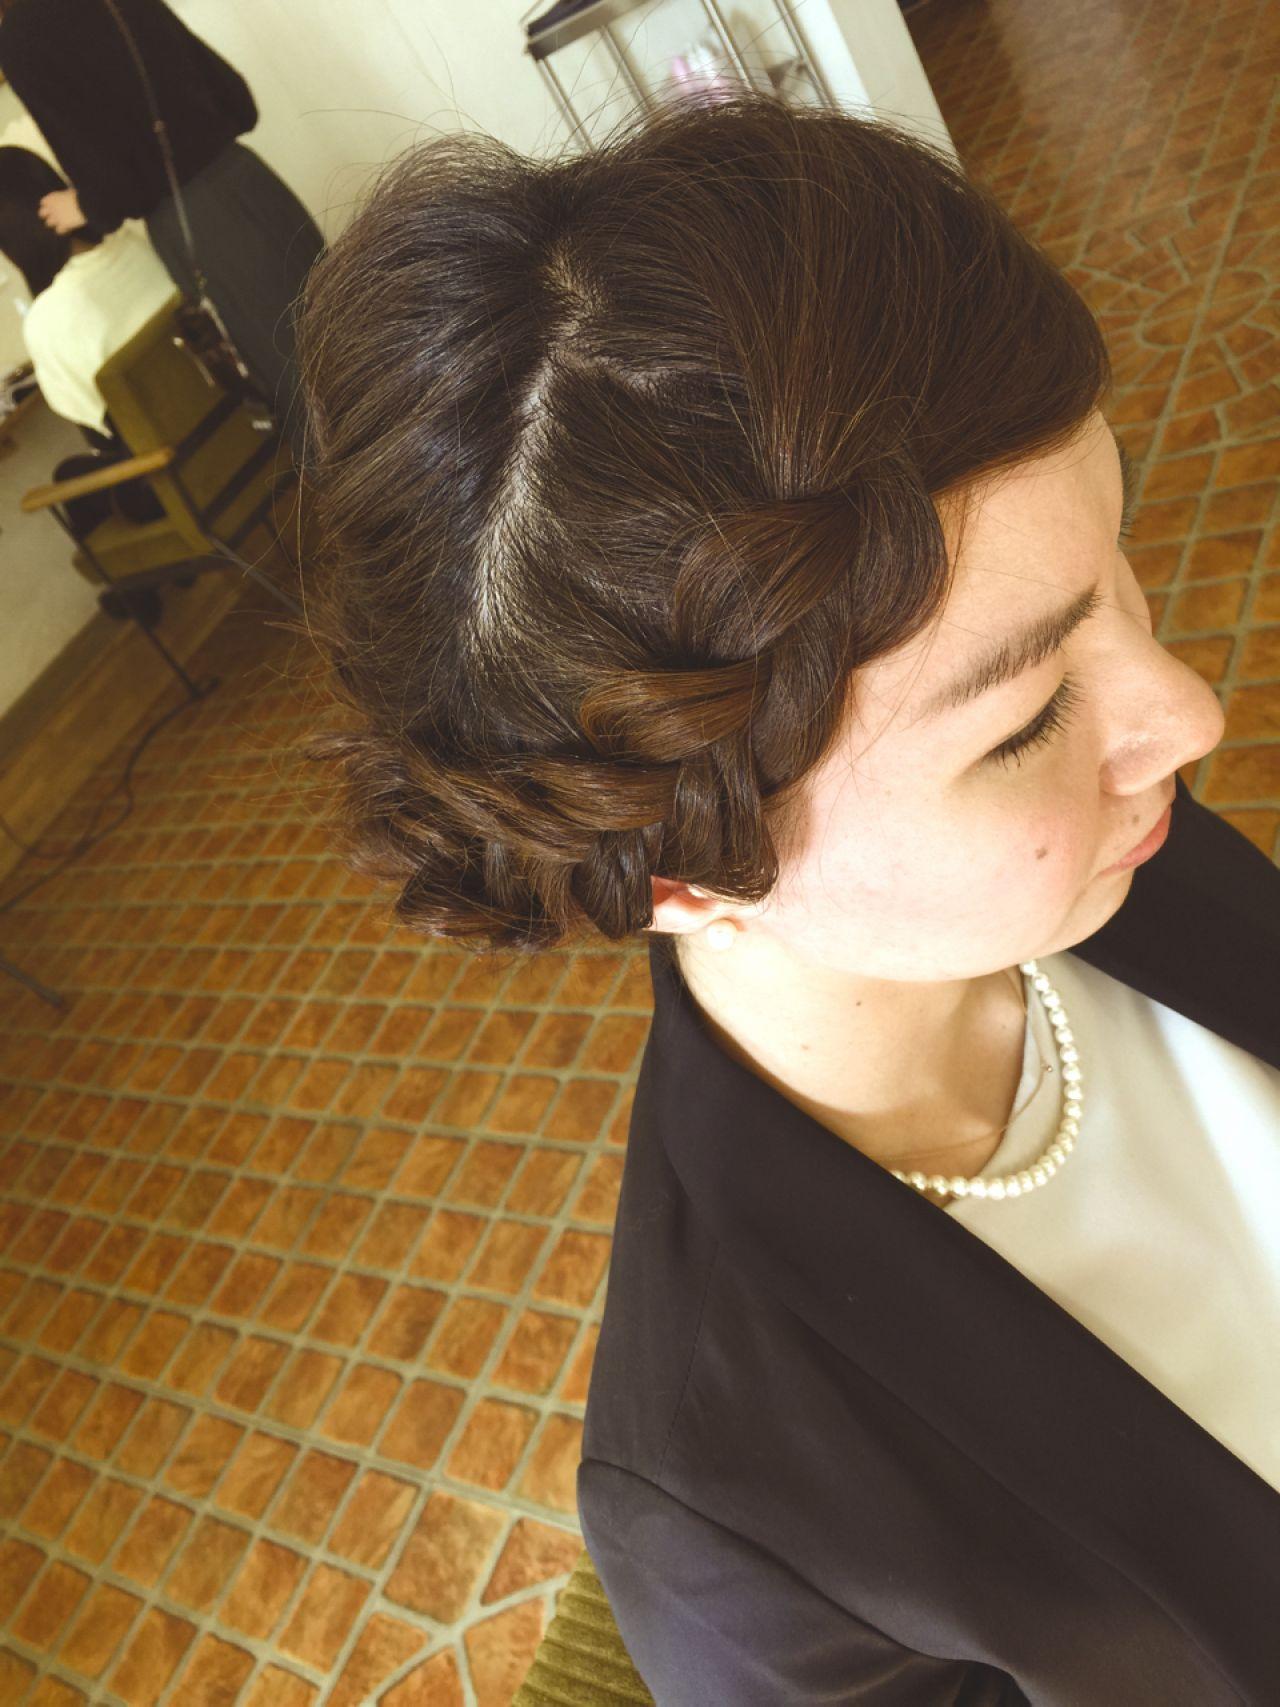 ナチュラル 大人かわいい 編み込み 前髪アレンジ ヘアスタイルや髪型の写真・画像